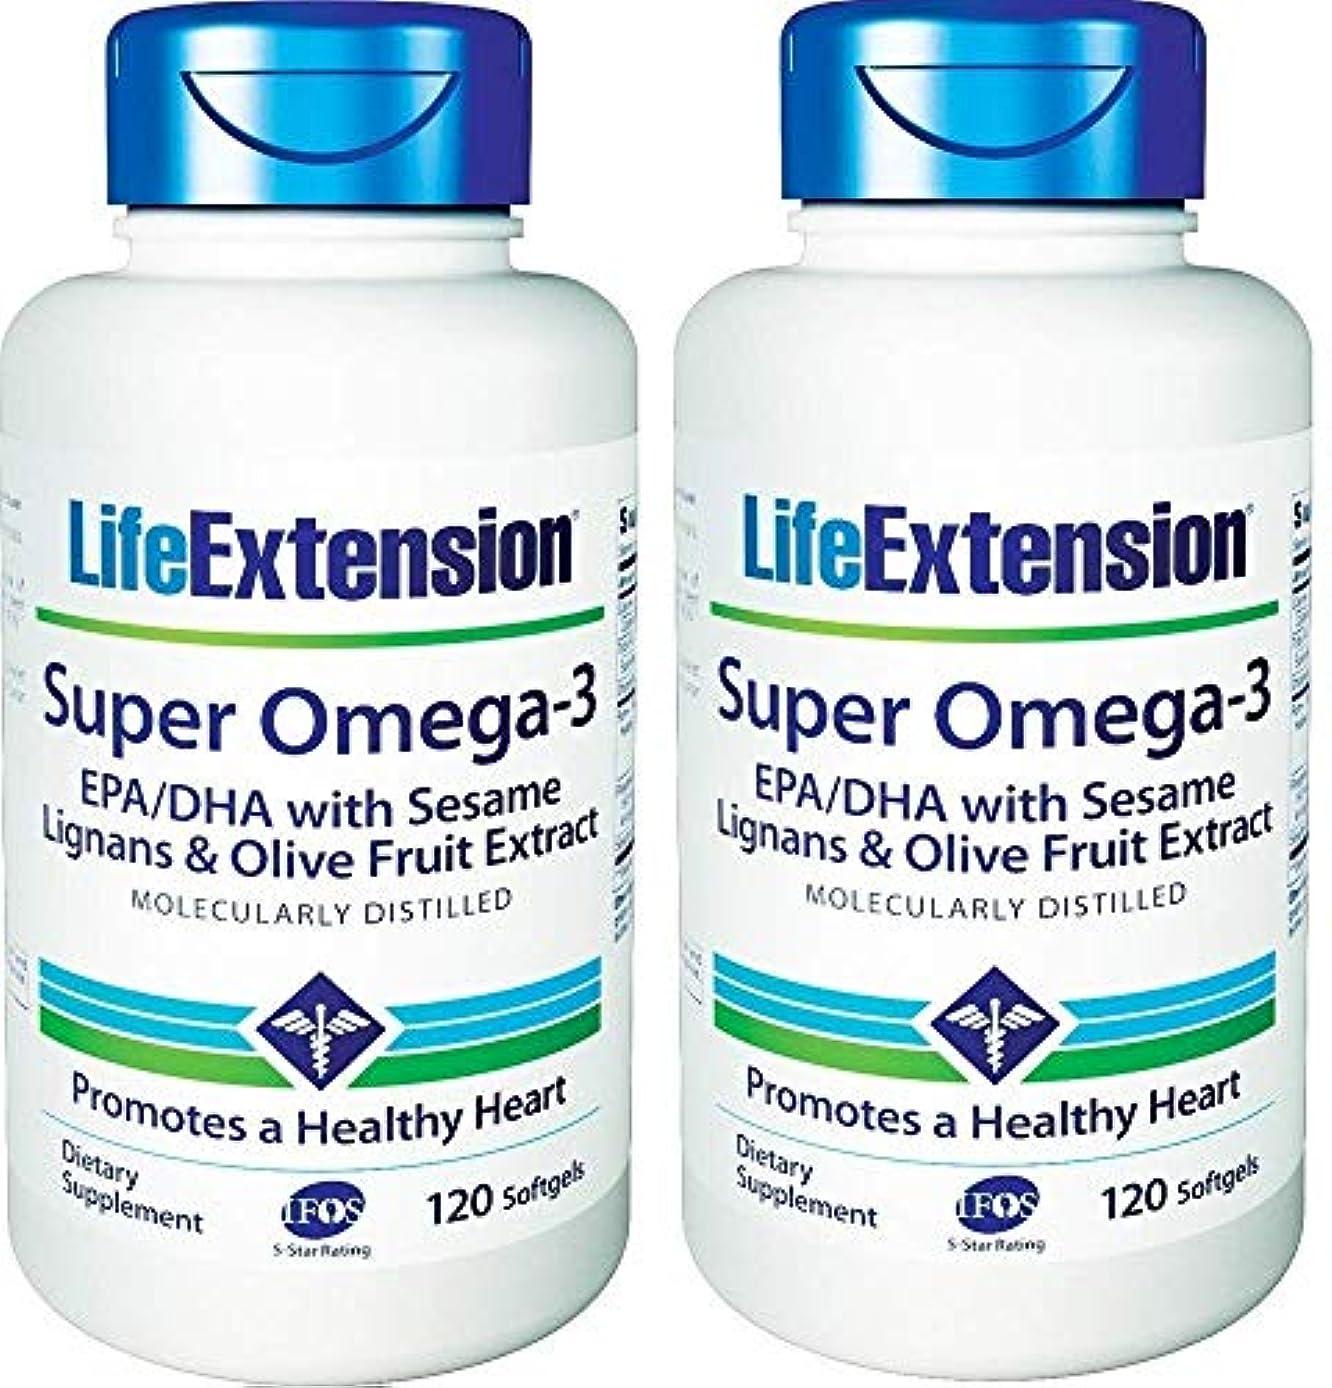 アンタゴニストハッピー民兵Life Extension - Super Omega-3, EPA/DHA with Sesame Lignans & Olive Extract - 120???????